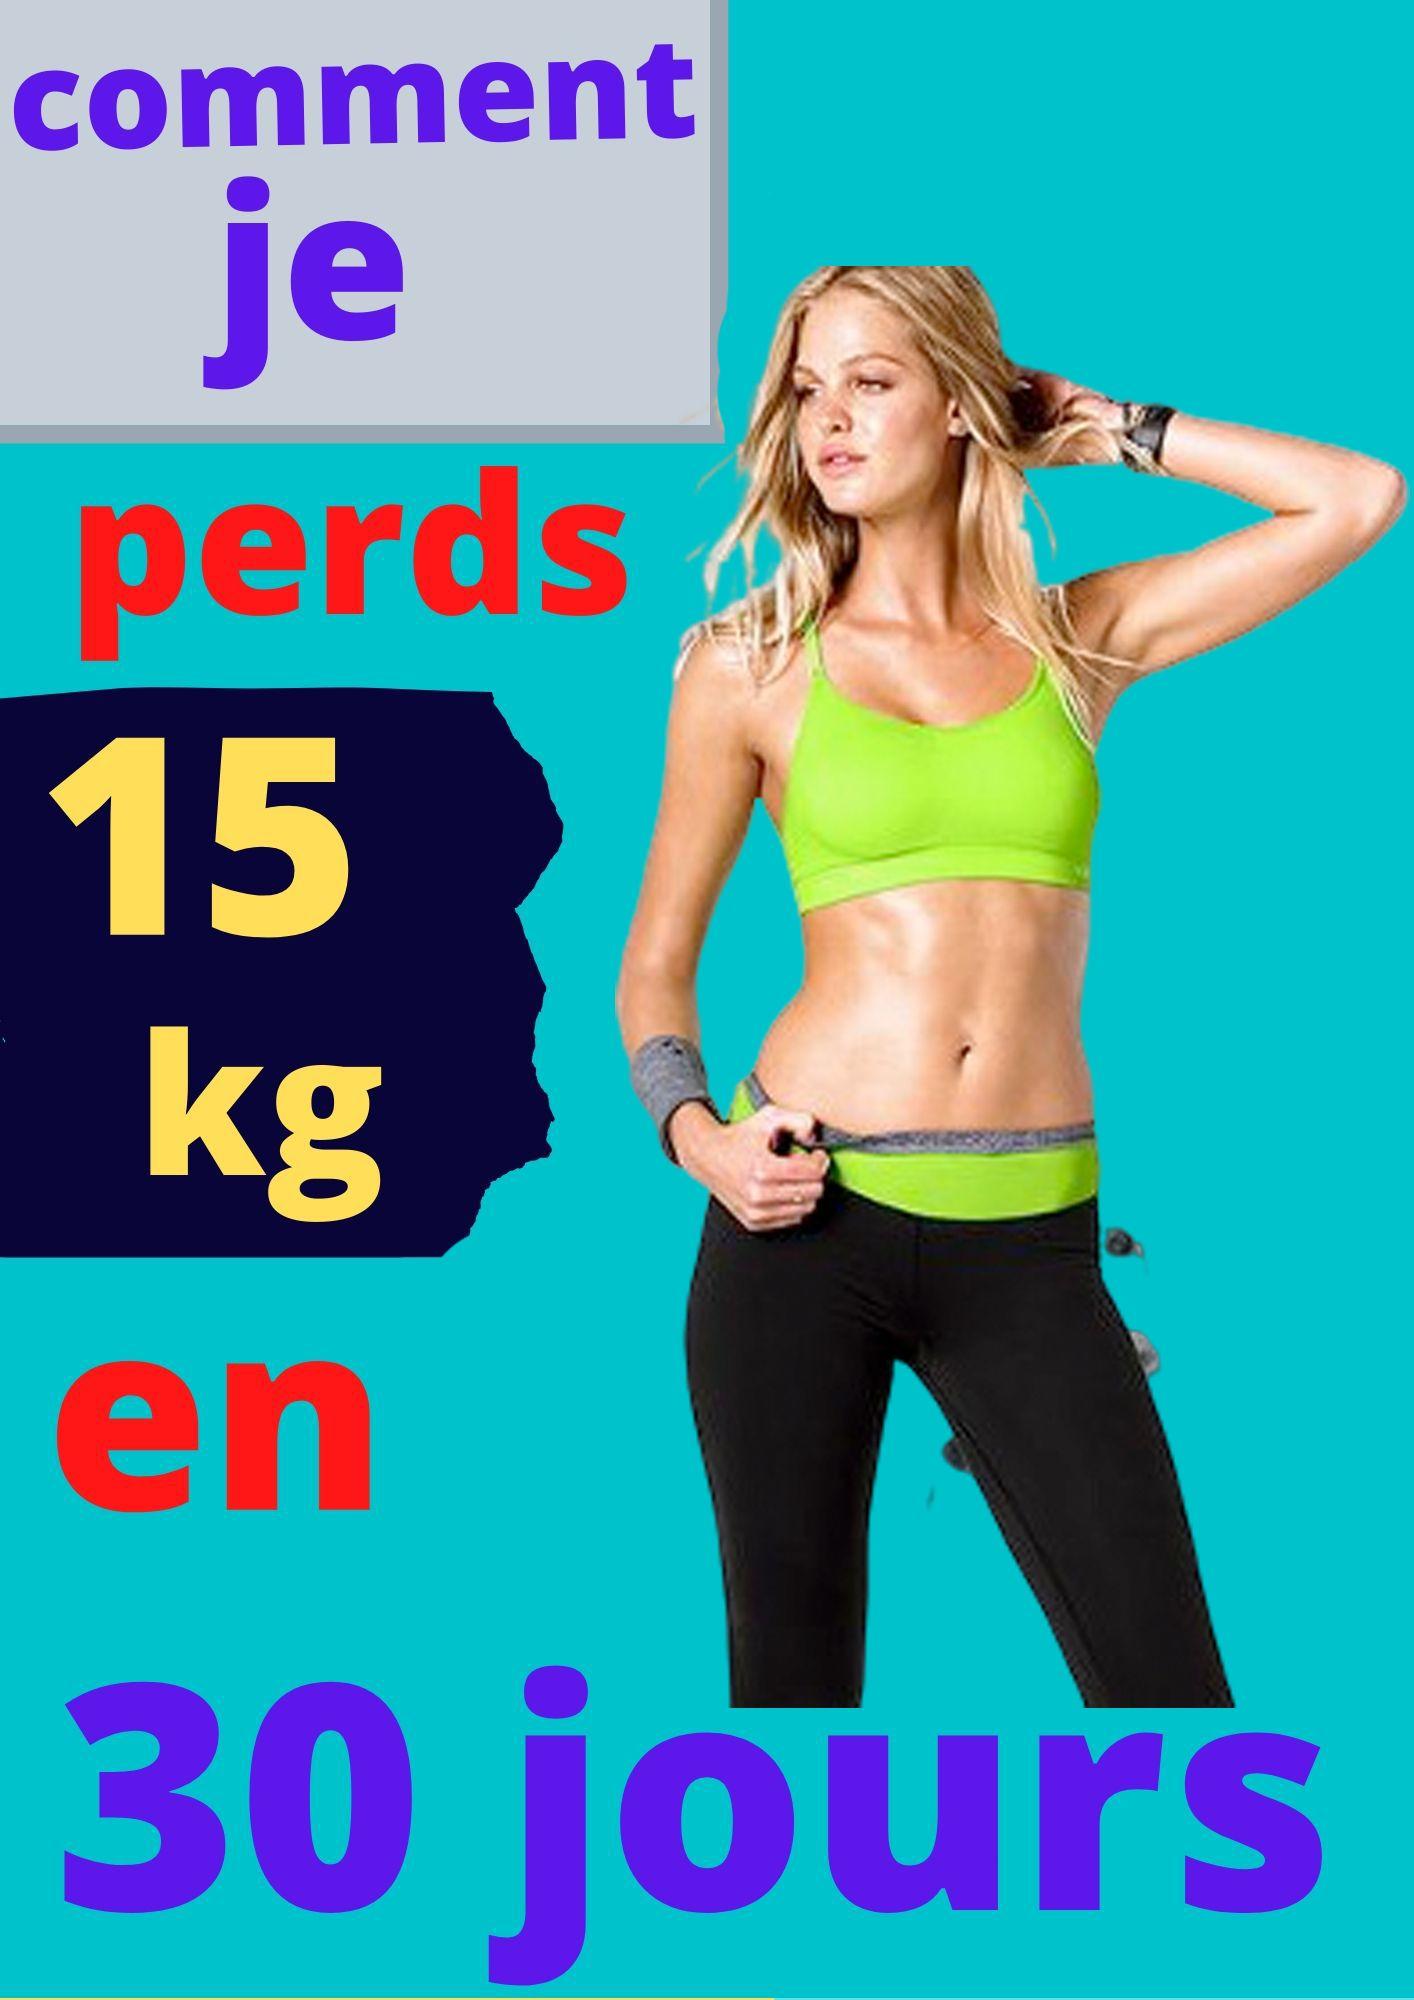 40 Besoin de perdre du poids